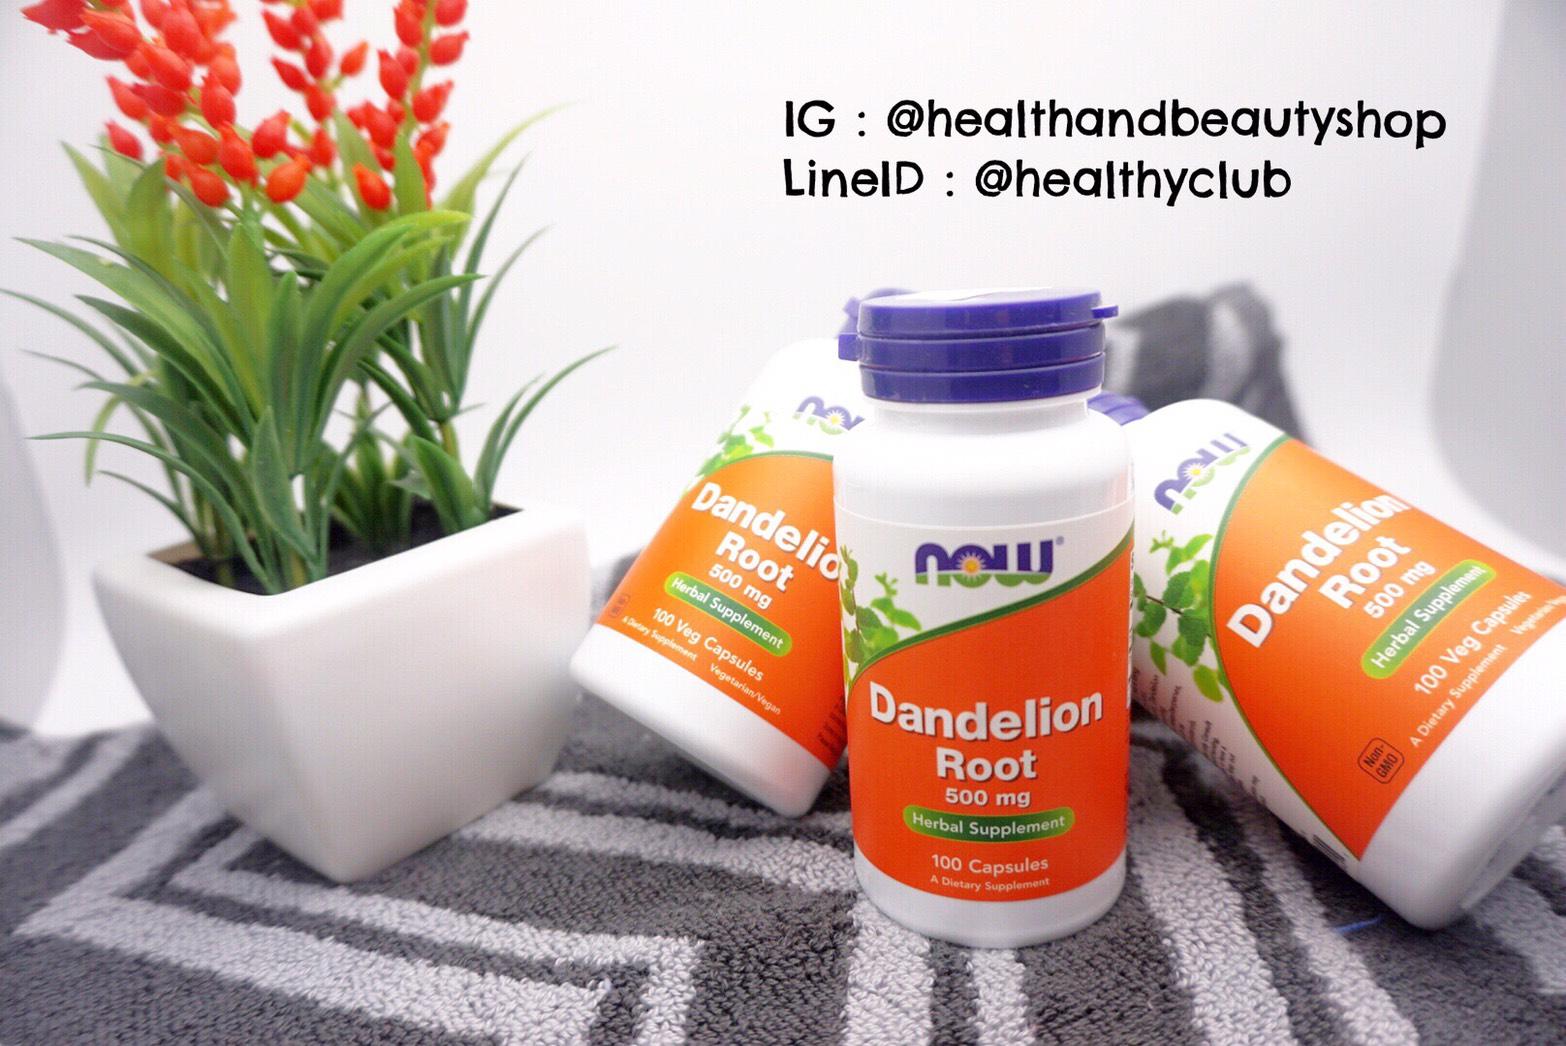 # อยากอ้วน # Now Foods, Dandelion Root, 500 mg, 100 Capsules